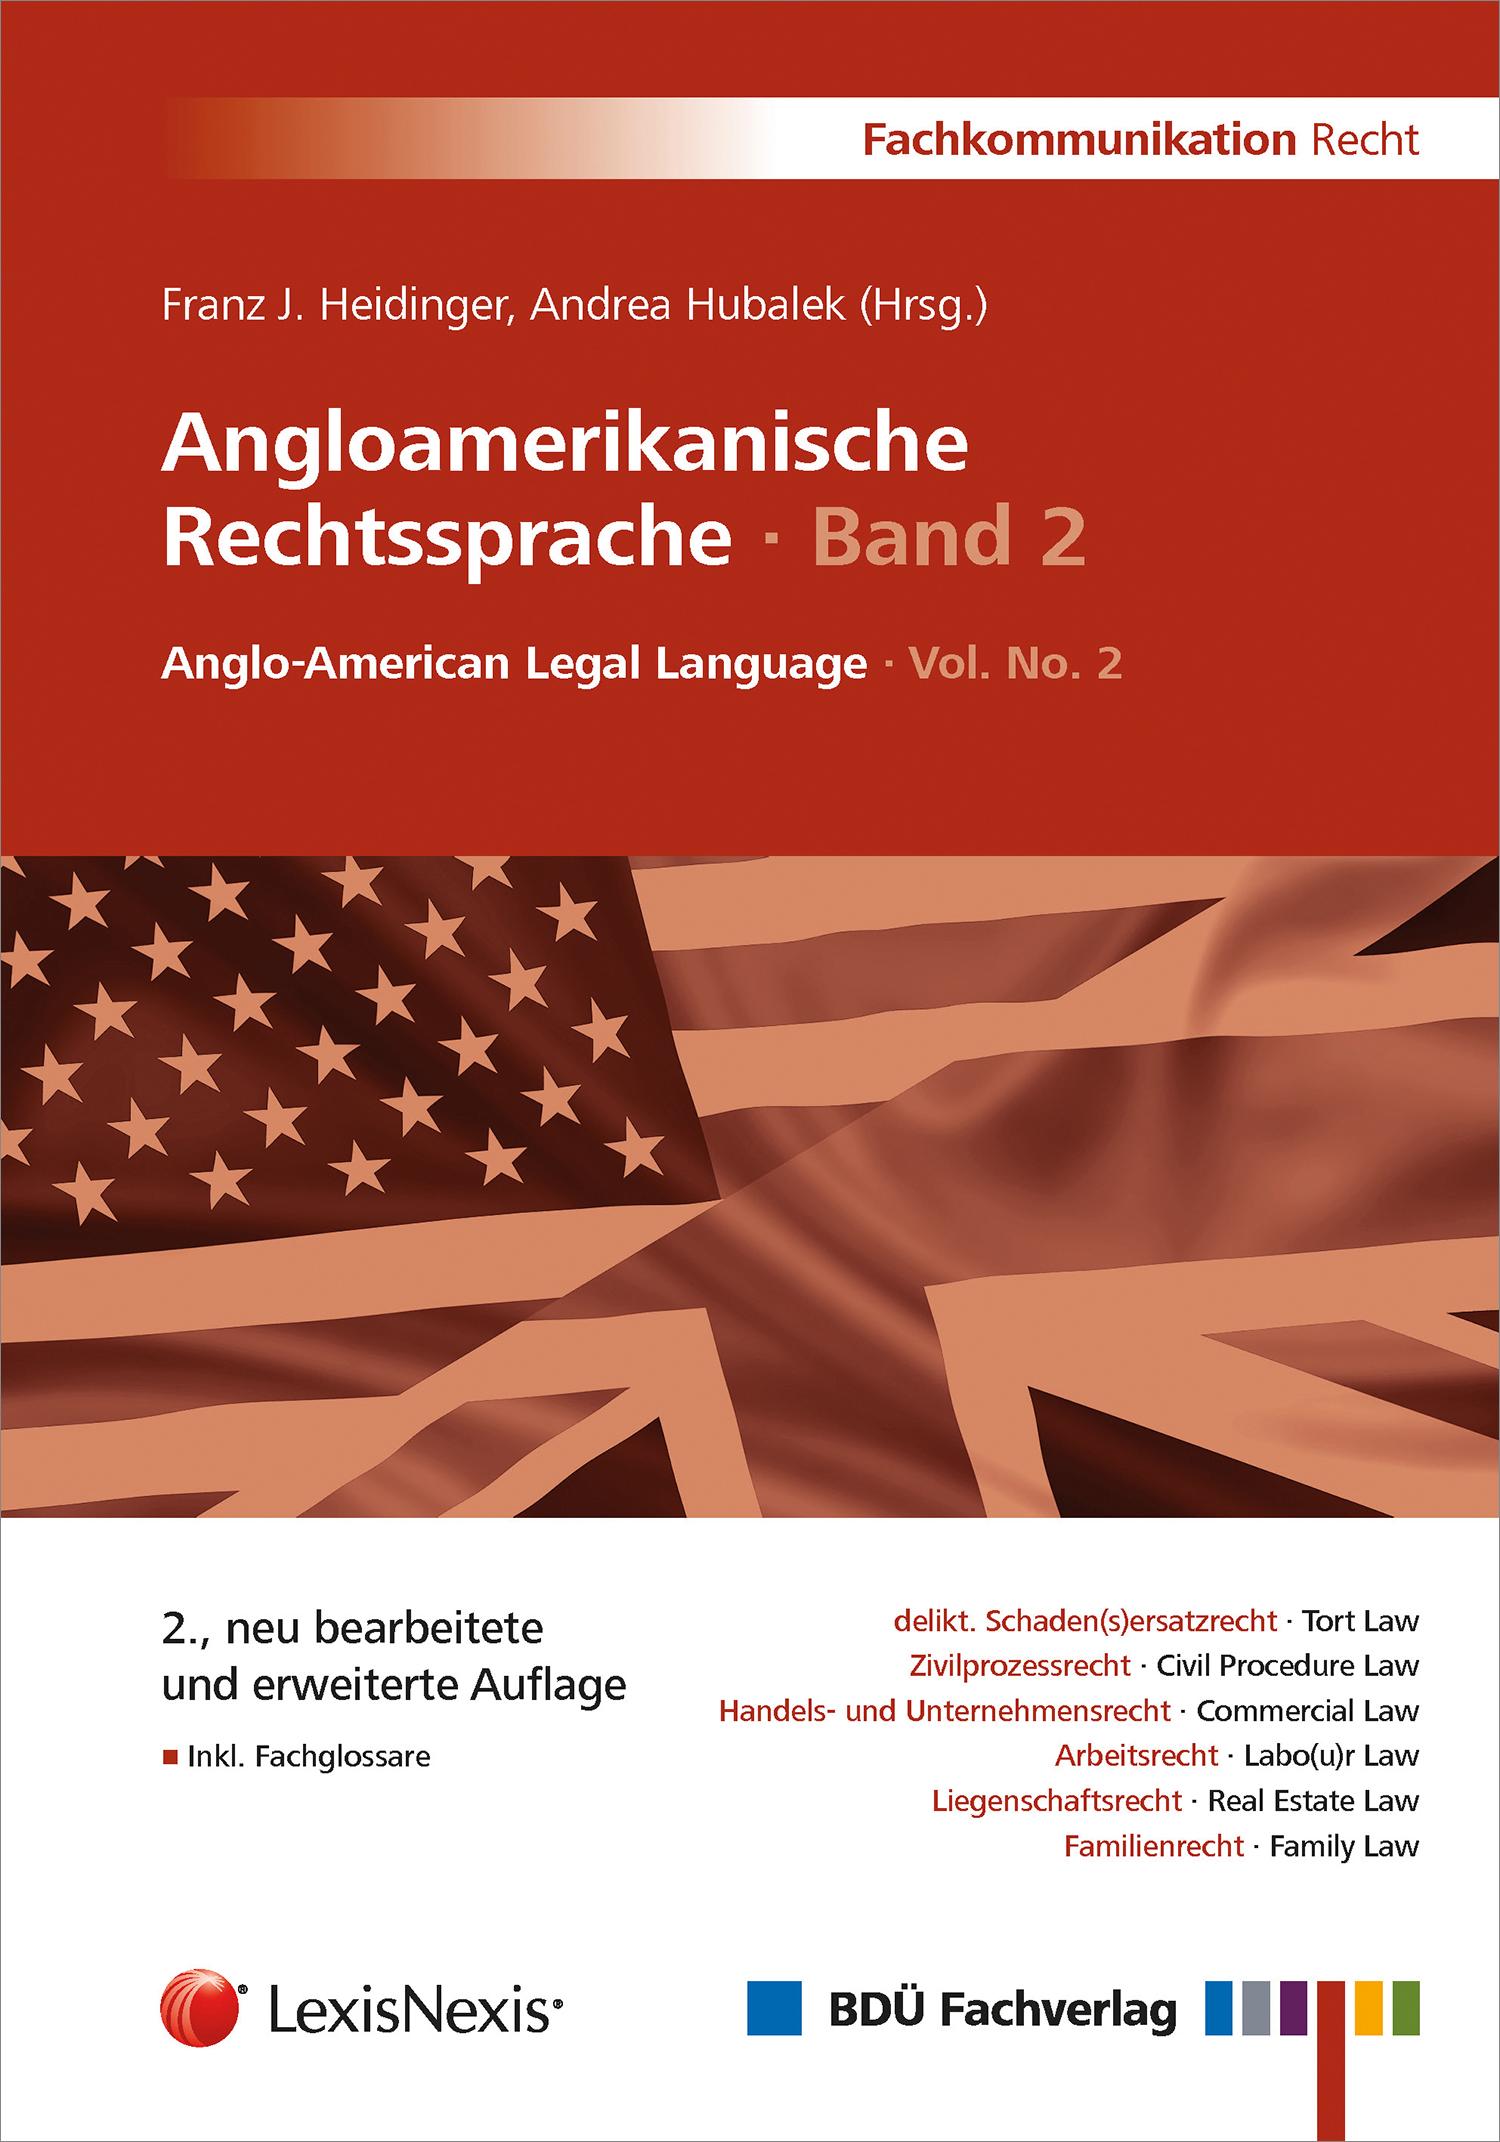 Angloamerikanische Rechtssprache · Band 2